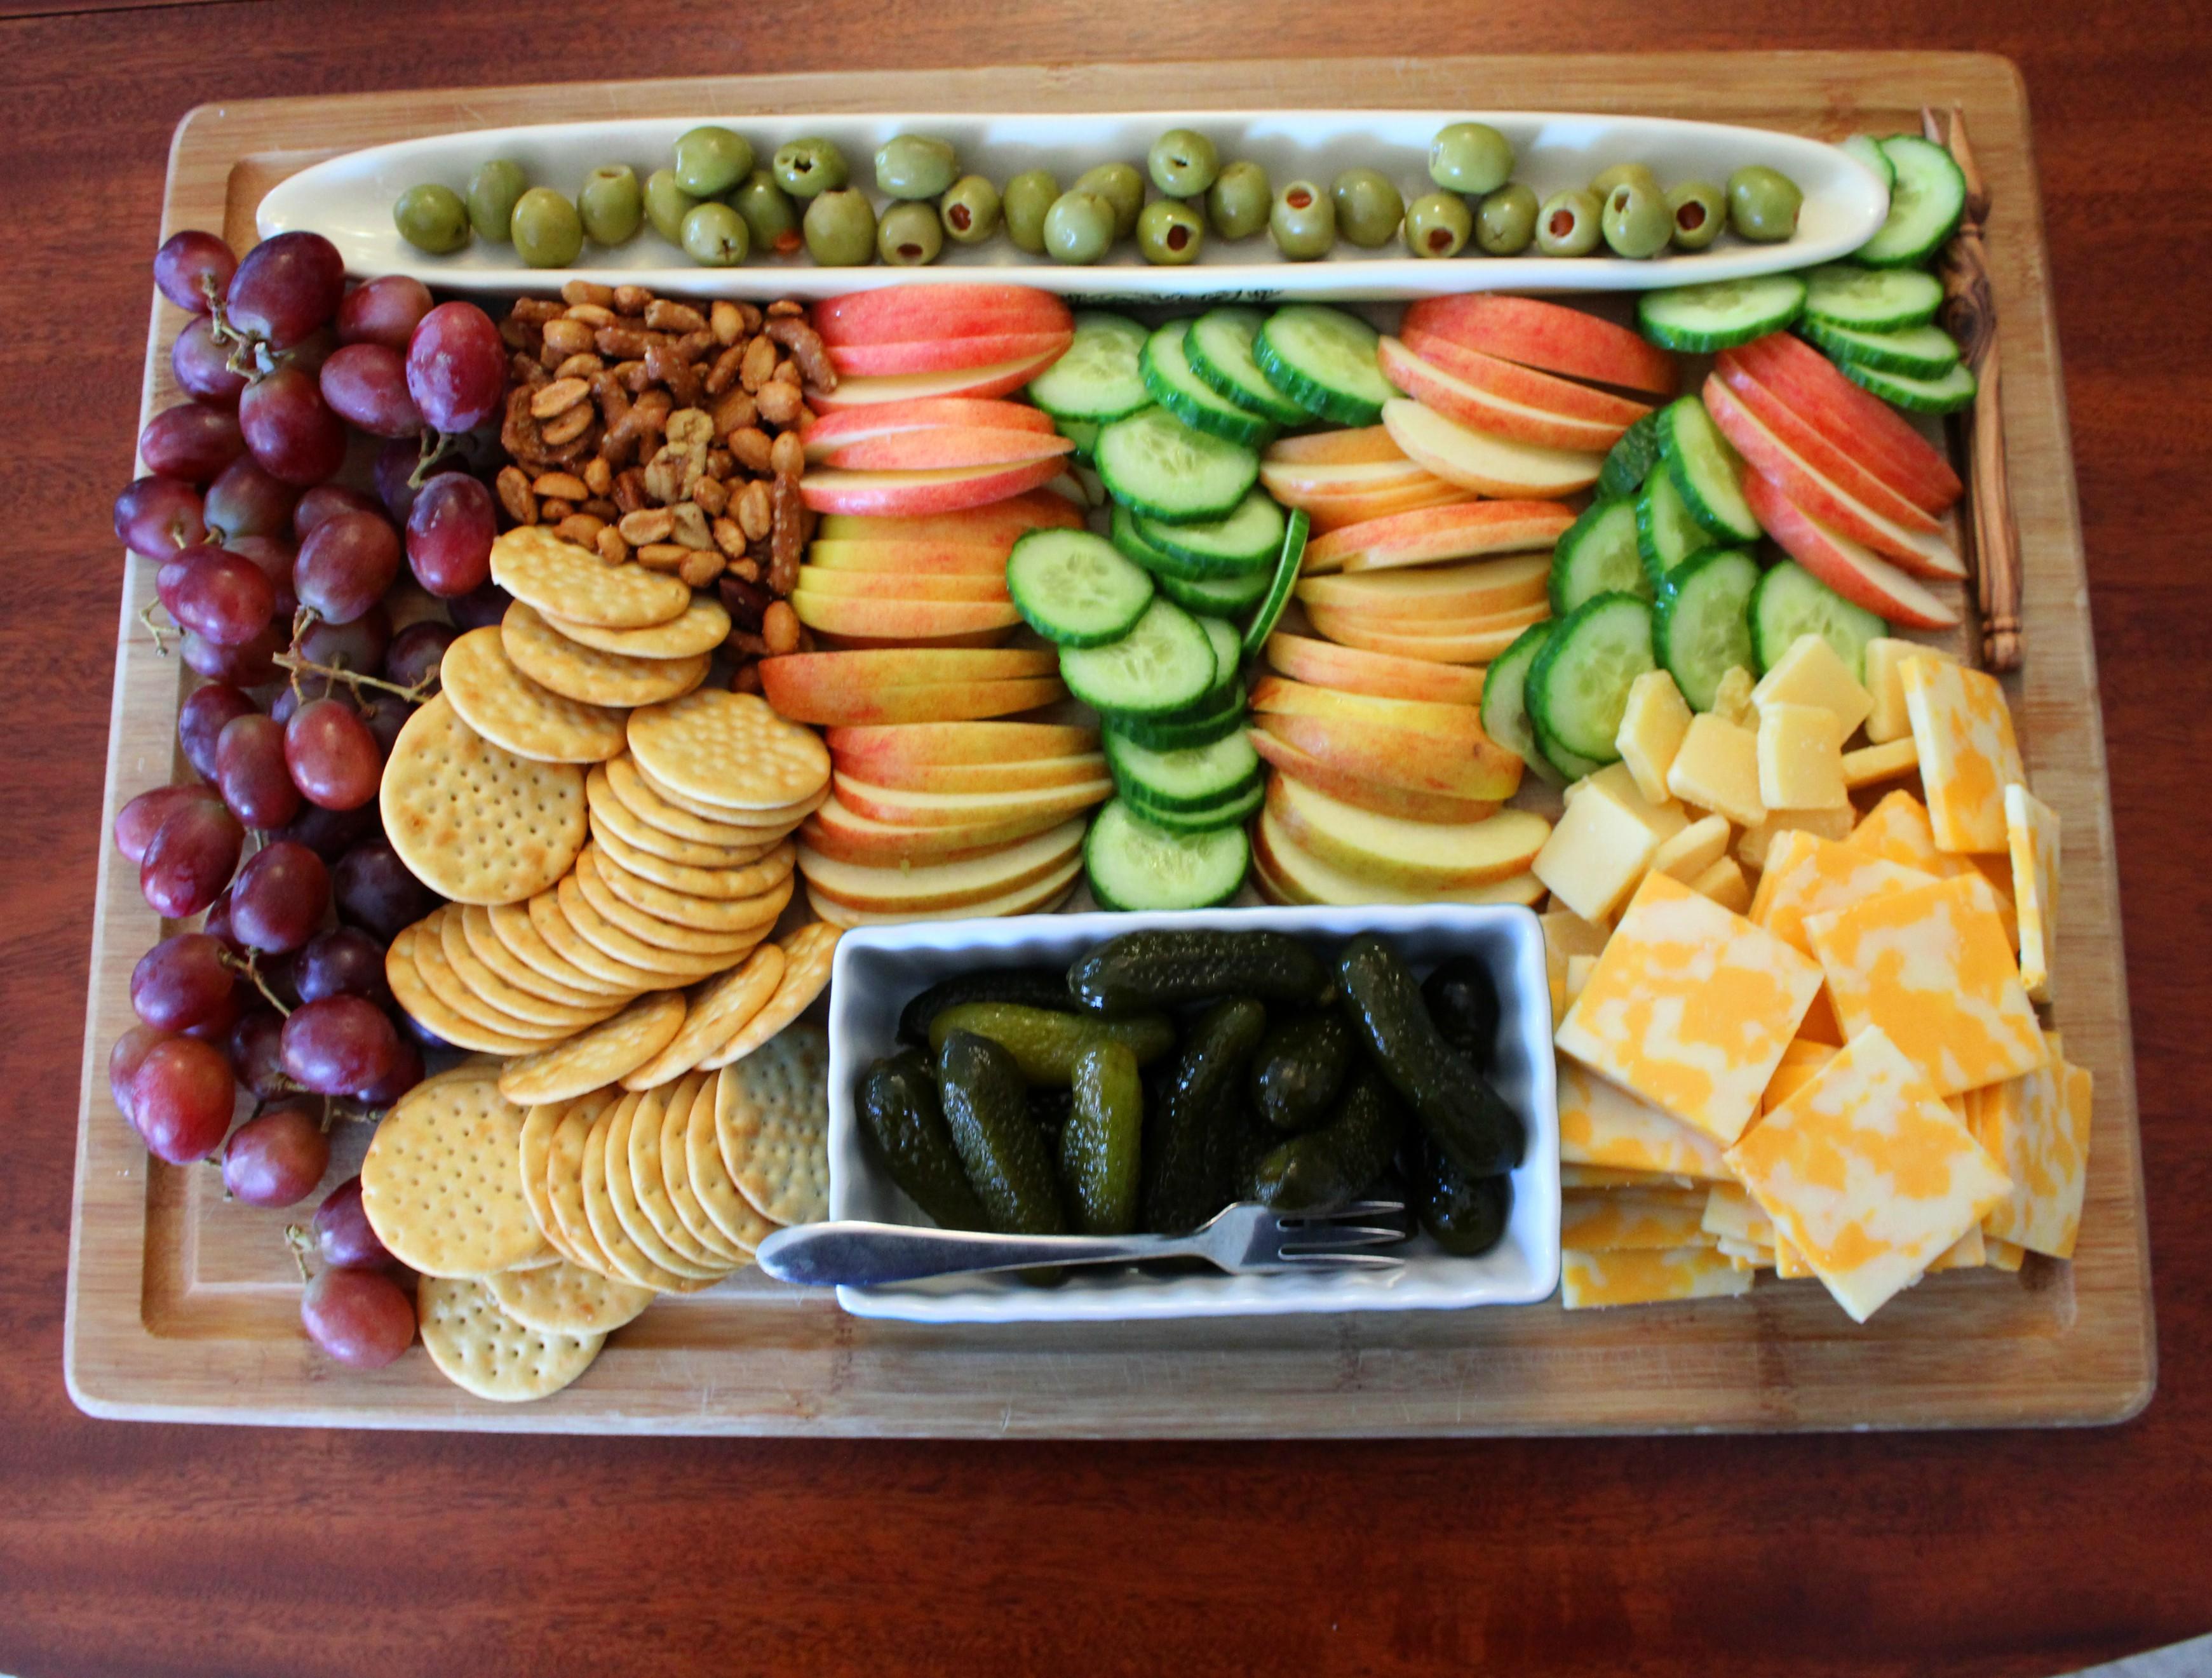 Snack-It-Up Appetizer Board